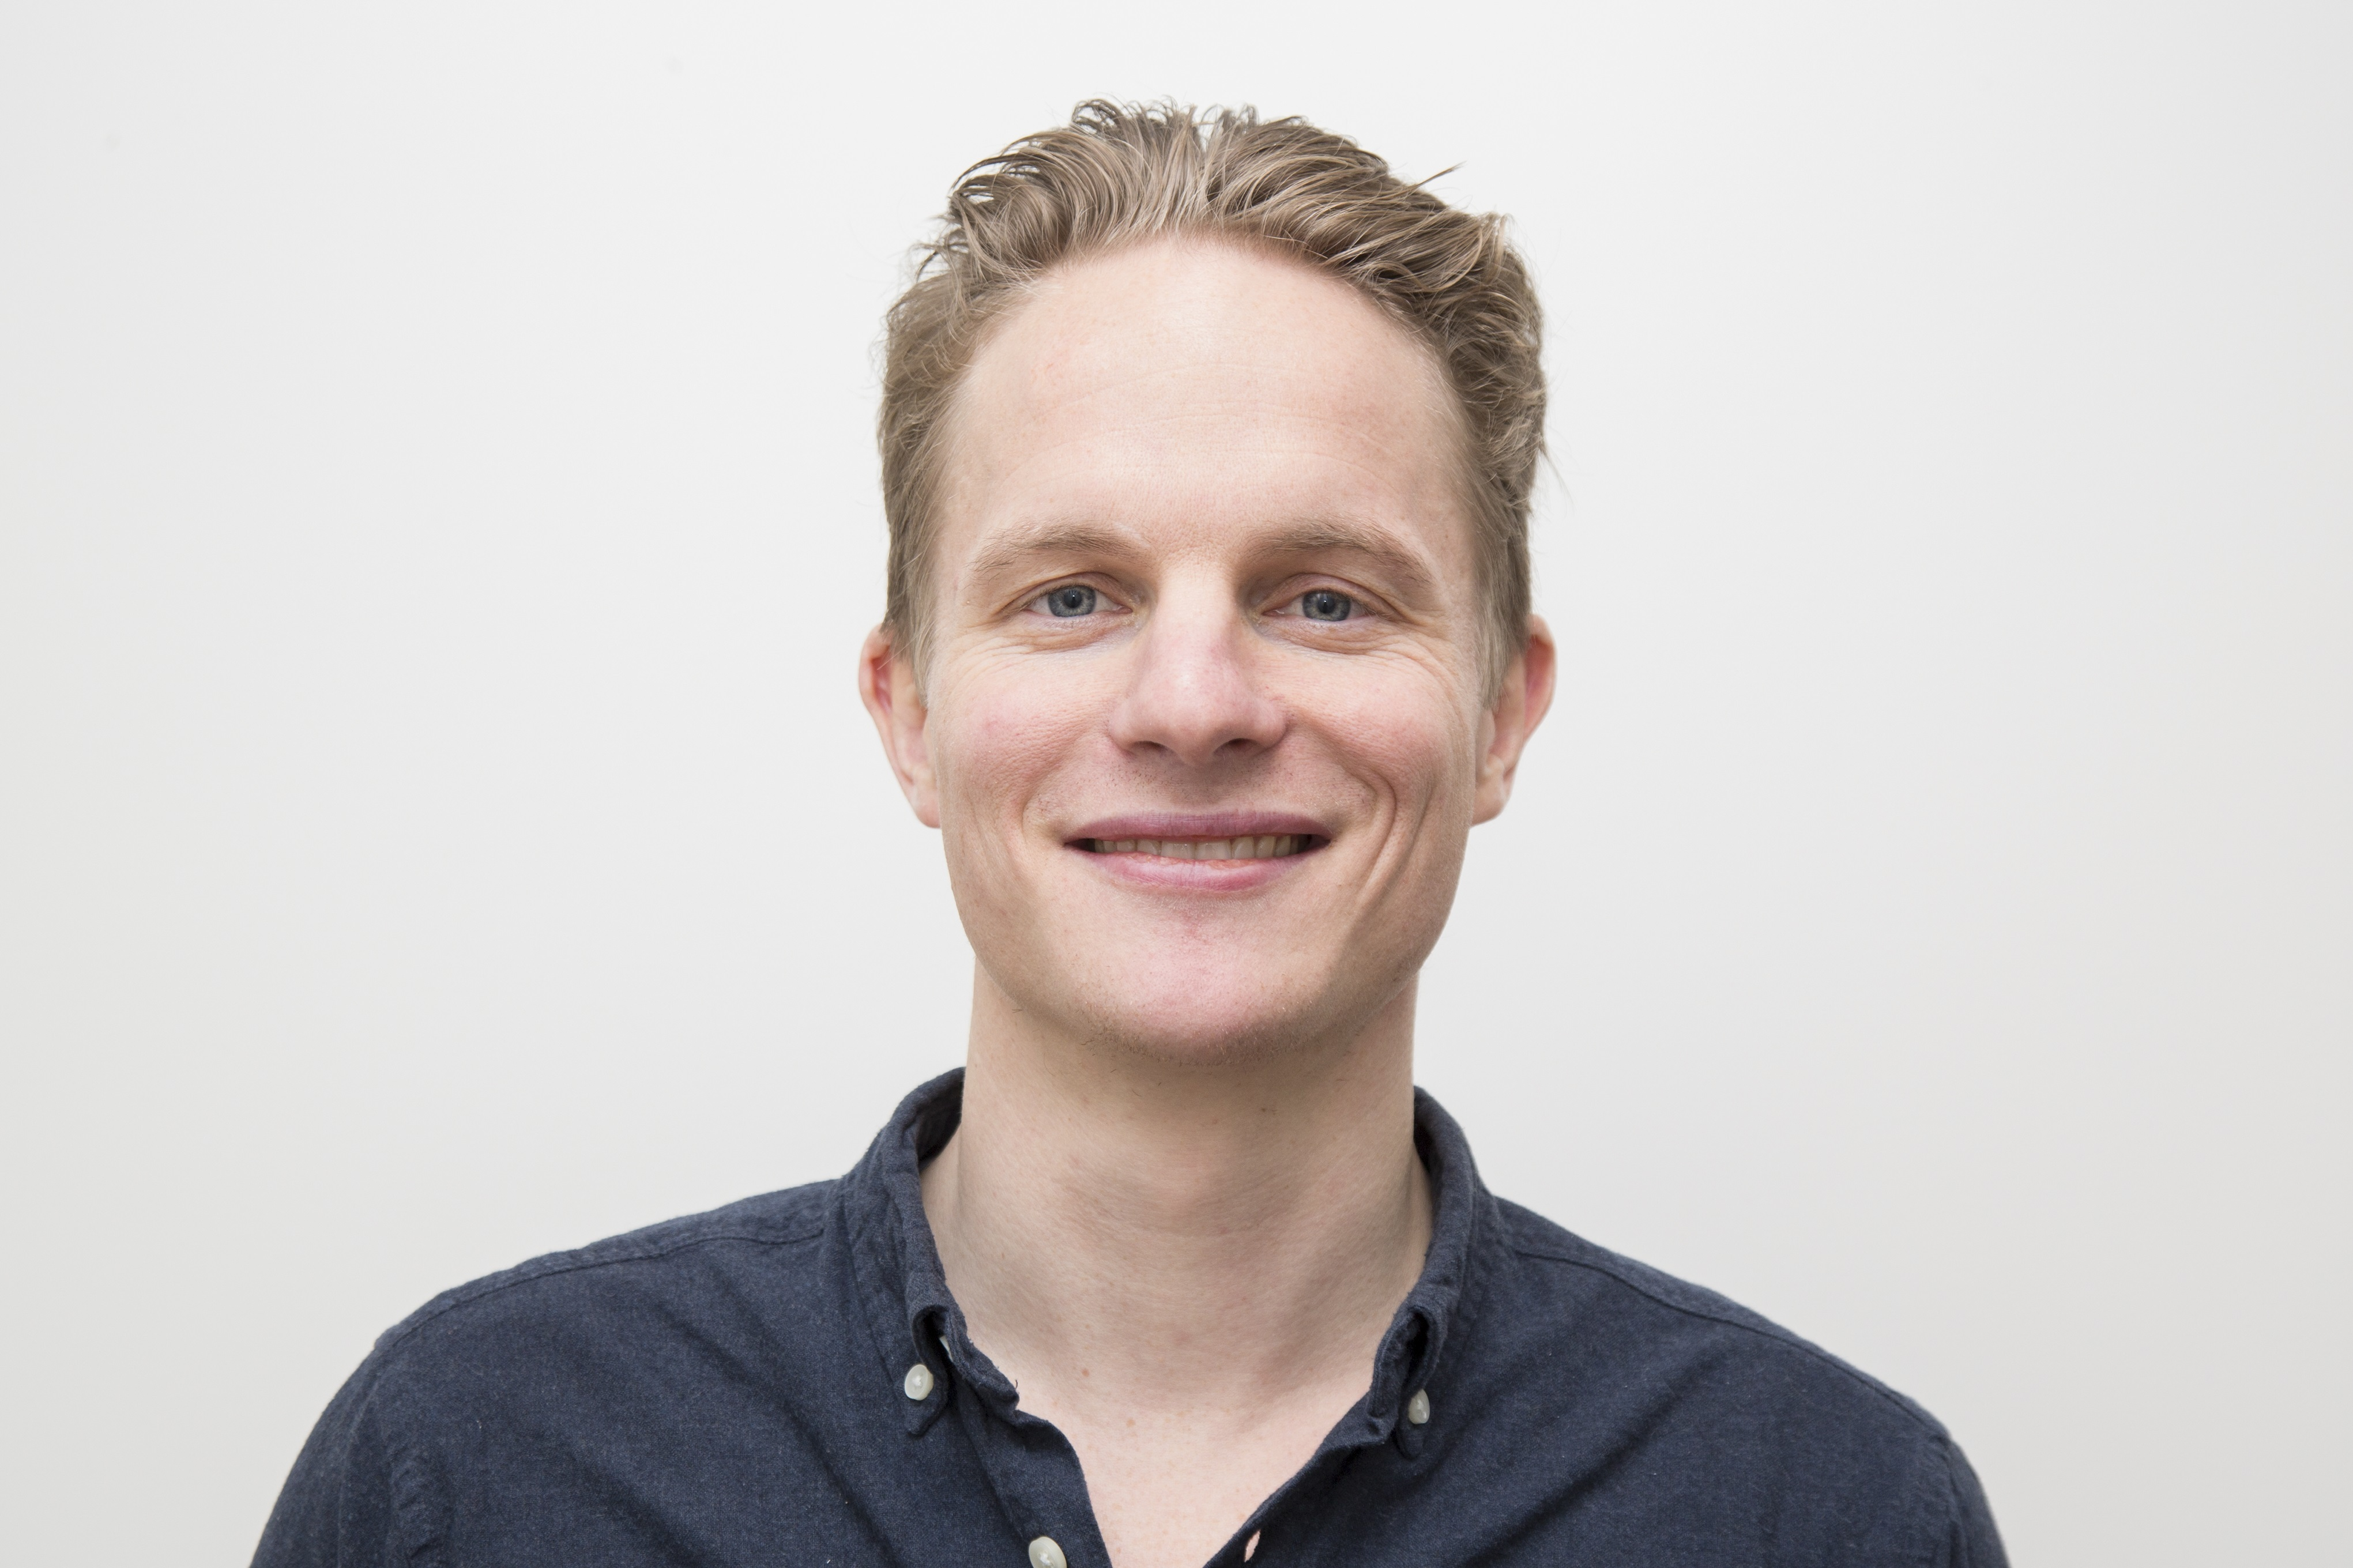 Fredrik Gulowsen